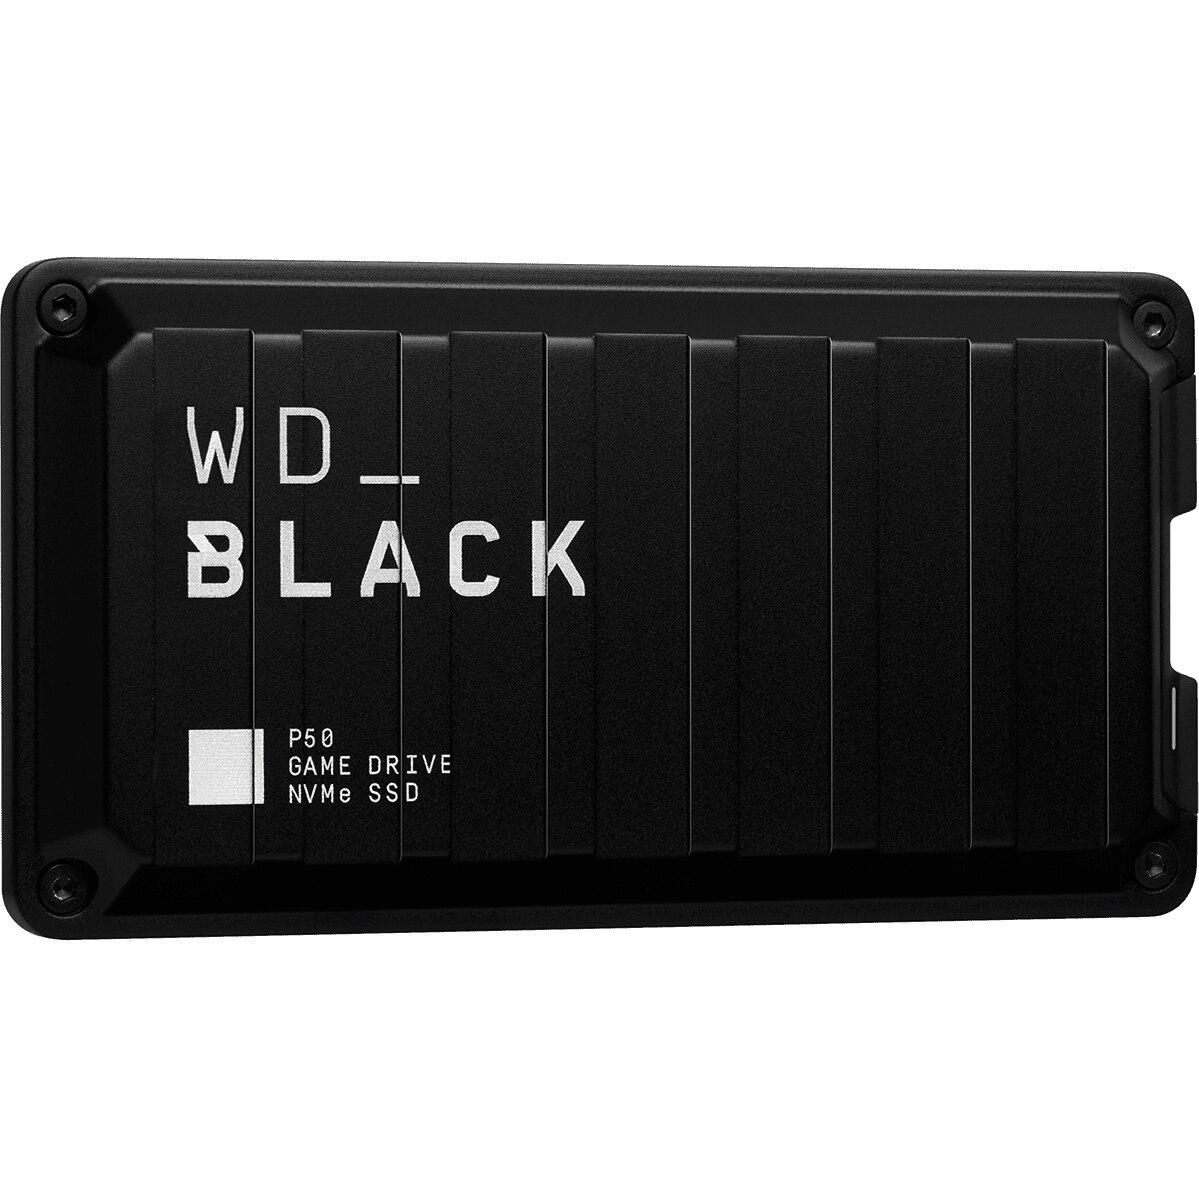 Fotografie SSD Extern WD Black P50 Game Drive 2TB, USB 3.2 Gen2x2 Type-C